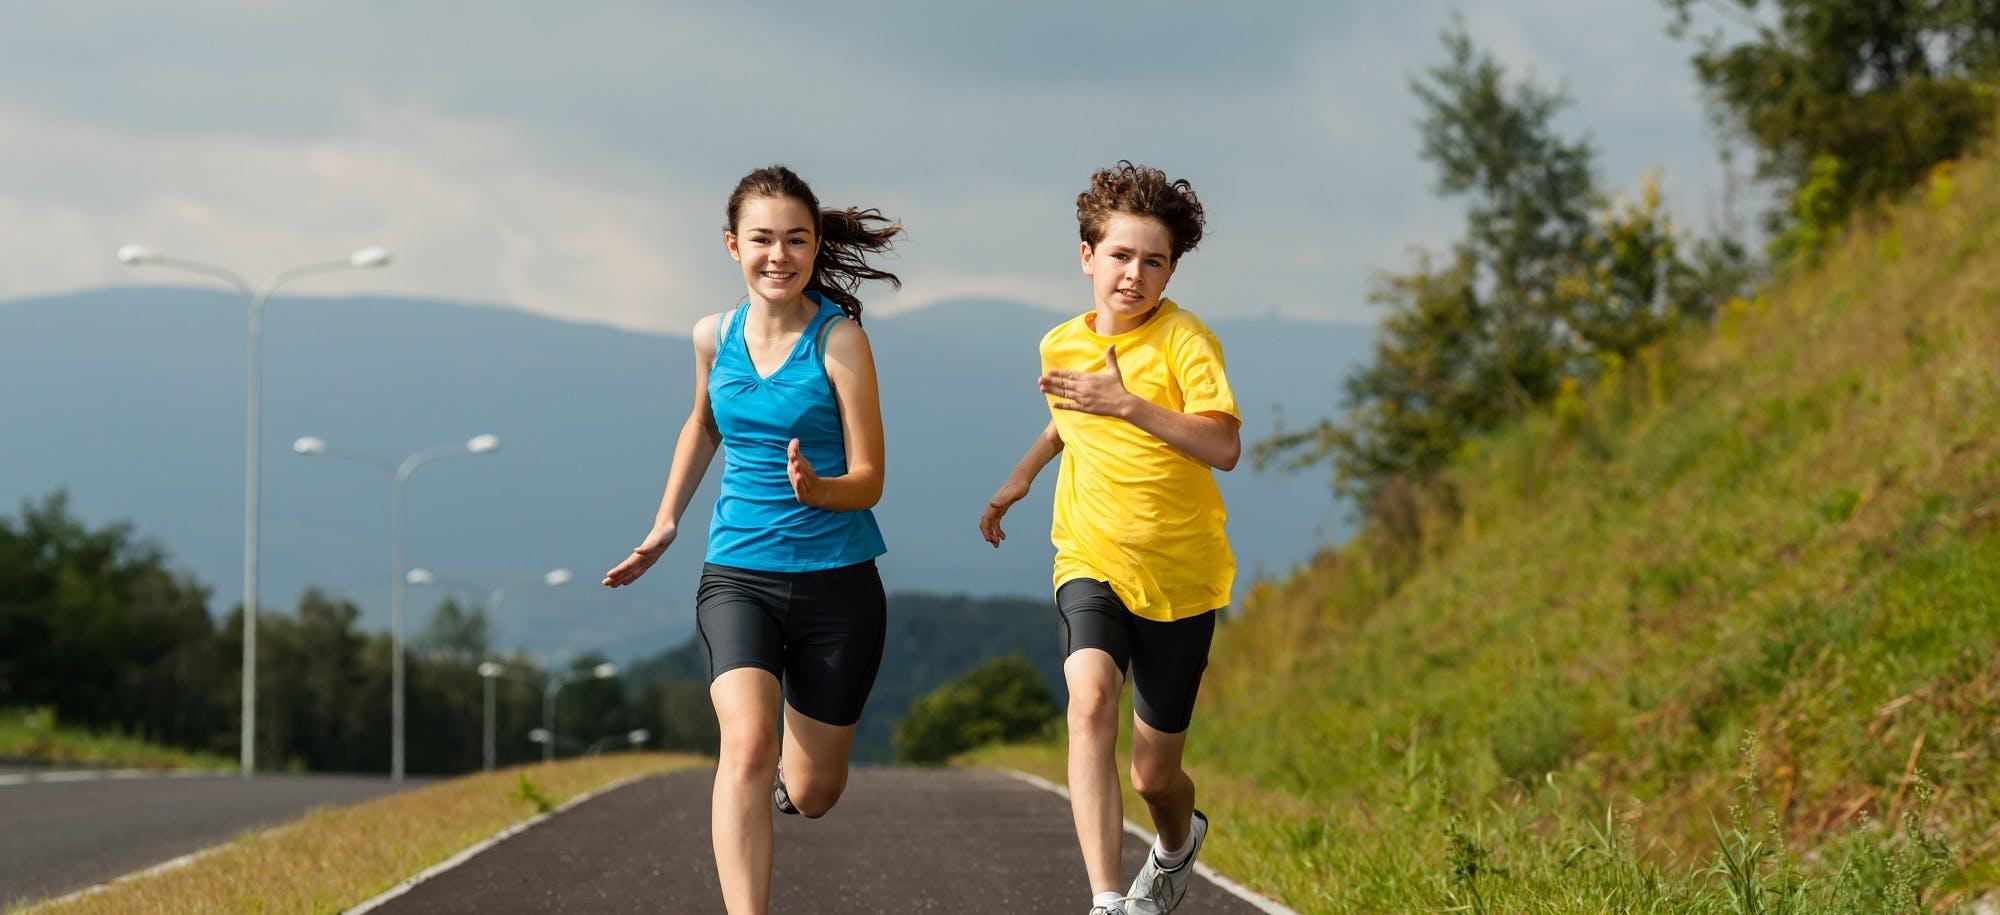 Τρόποι διαχείρισης ανταγωνισμού στα αθλήματα στις νεαρές ηλικίες